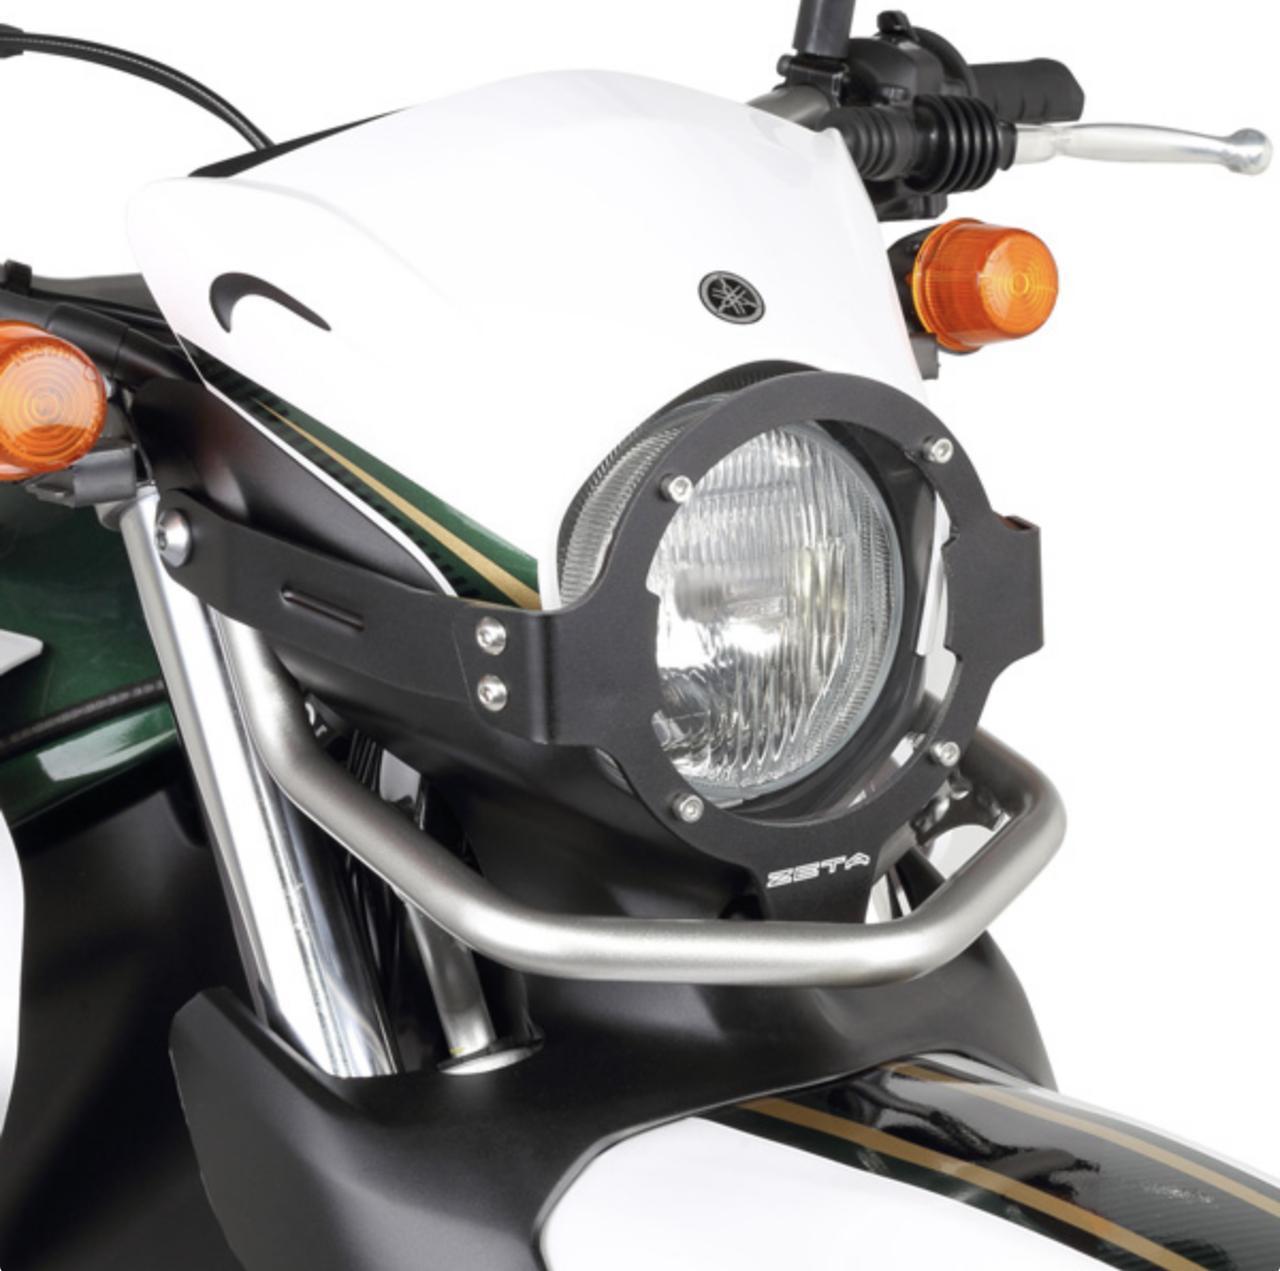 画像1: ヘッドライトの破損を未然に防ぐ安心プロテクター